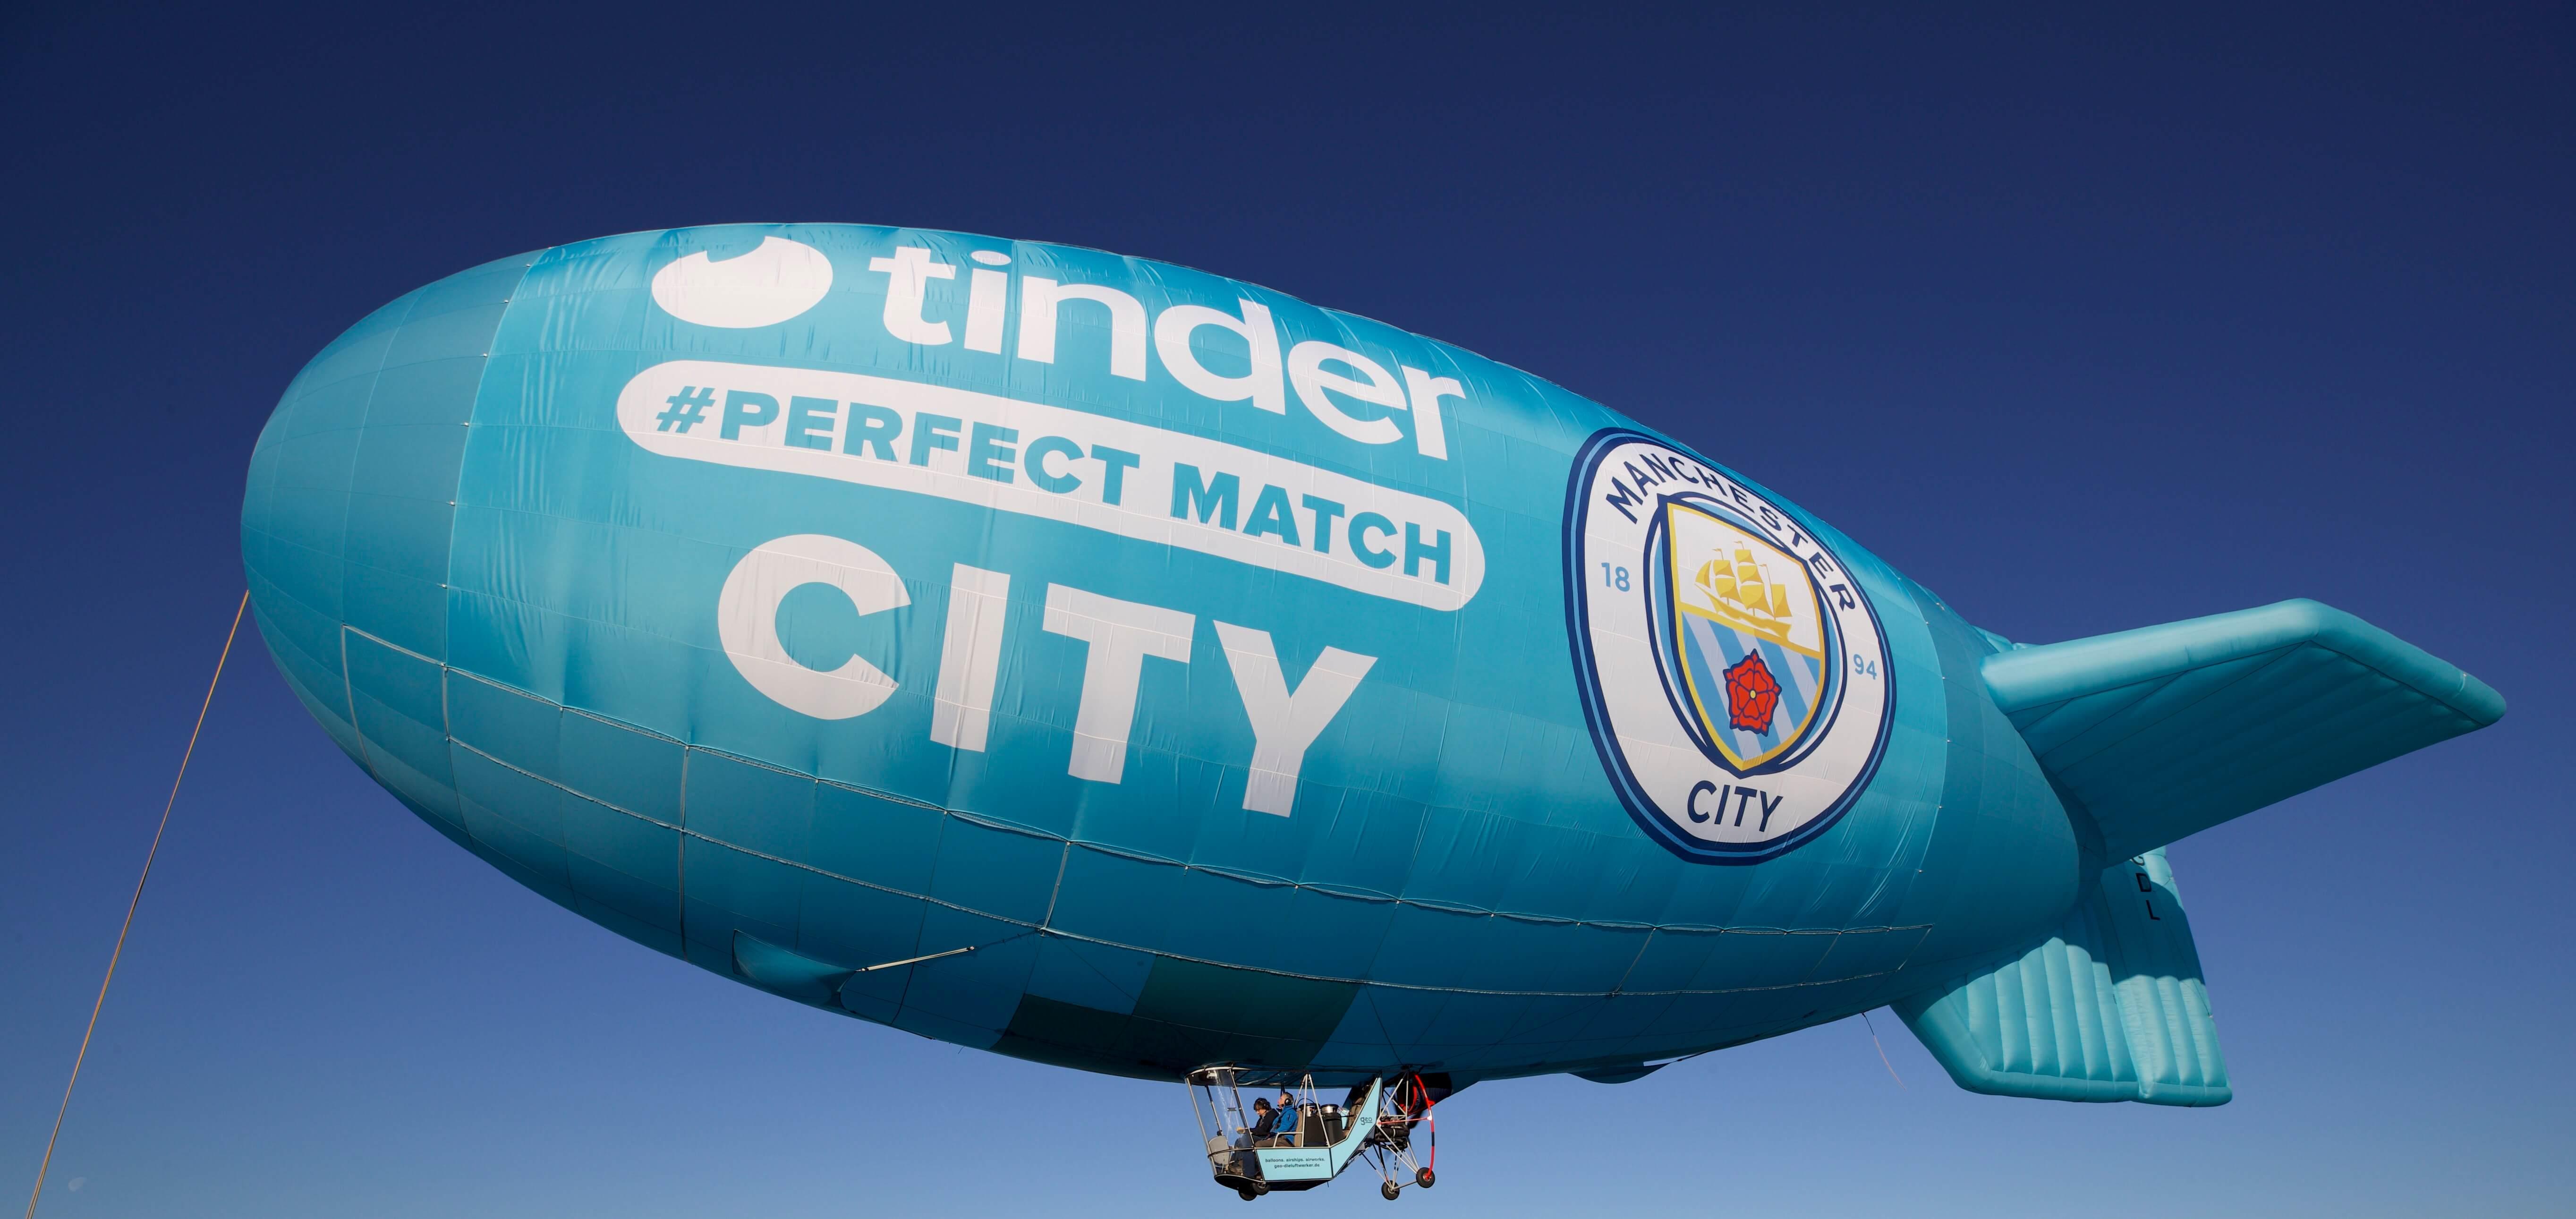 Manchester City signe un partenariat avec… Tinder